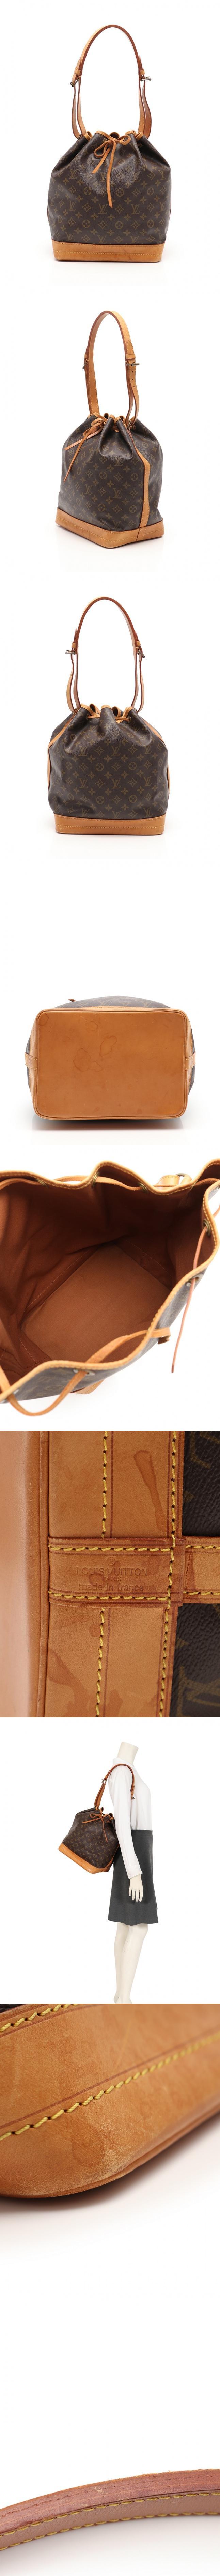 ショルダーバッグ ノエ モノグラム 茶 M42224 PVC レザー